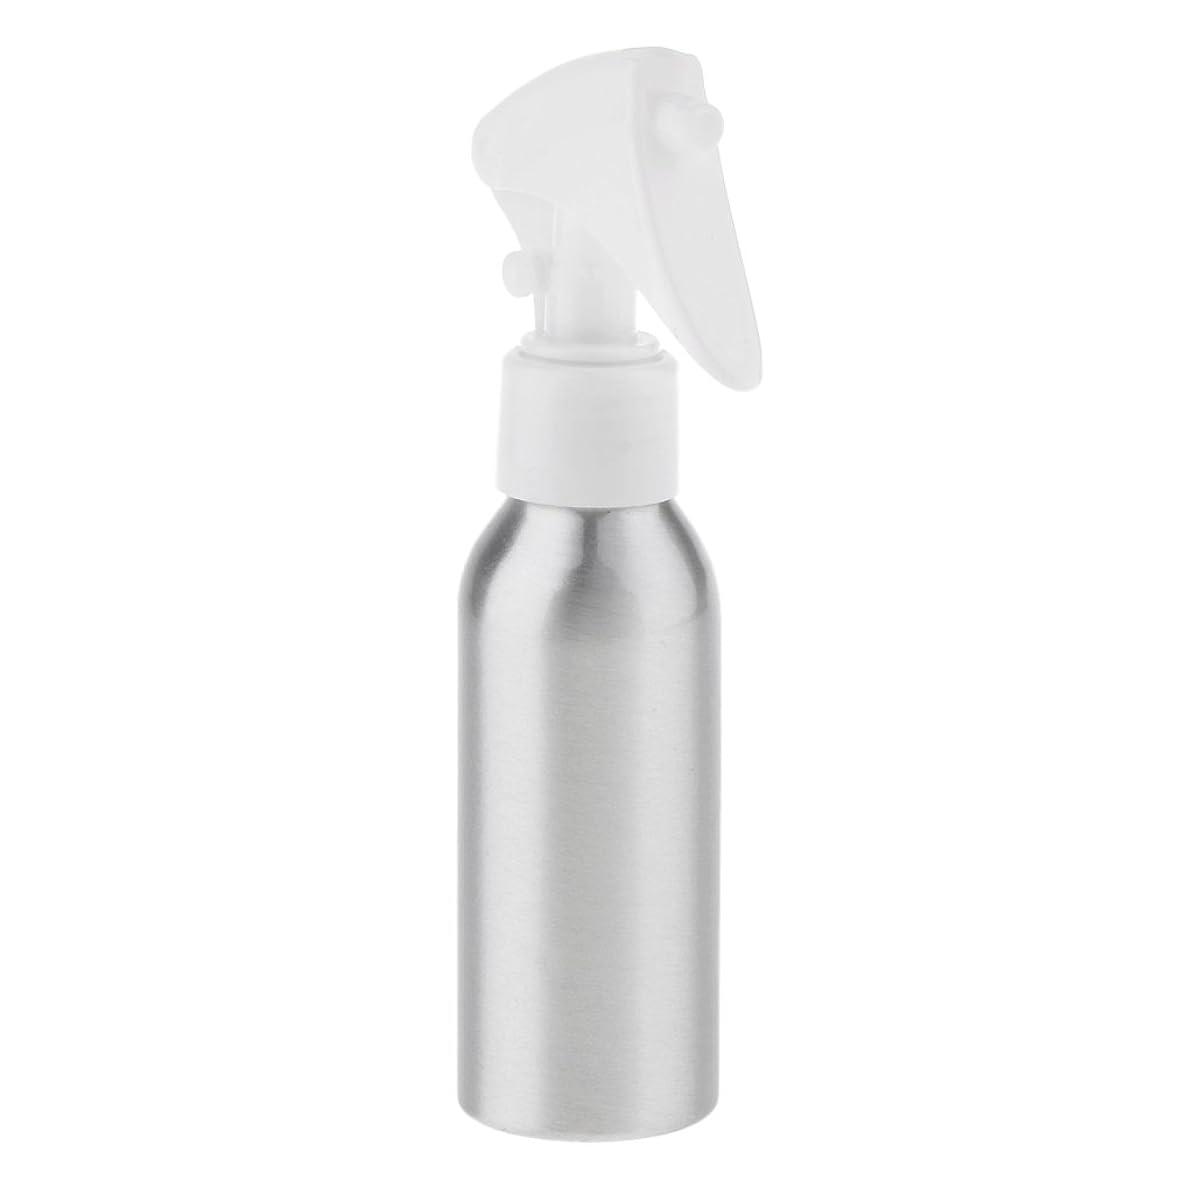 悪党気分が良いインドBaosity スプレーボトル 空ボトル 水スプレー スプレー ポンプボトル 噴霧器 家庭用 プロのサロン 多機能 6サイズ選択 - 100ML